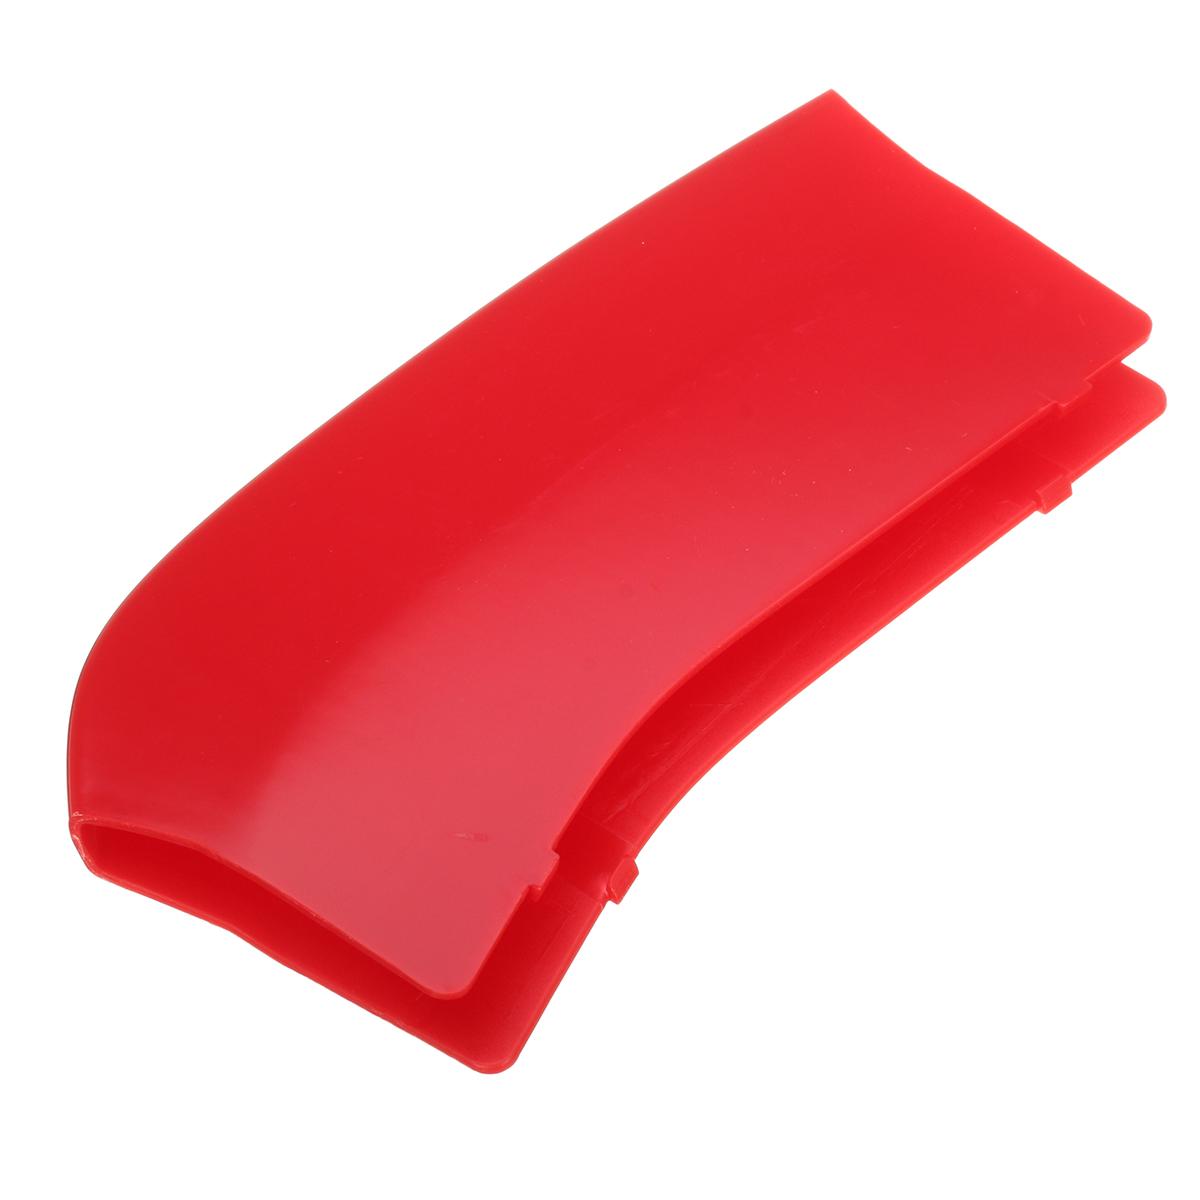 Авто Передняя 3-цветная решетка Решетка Полосы Клипы Крышка ABS Для BMW F15 X5 14-15 - фото 5